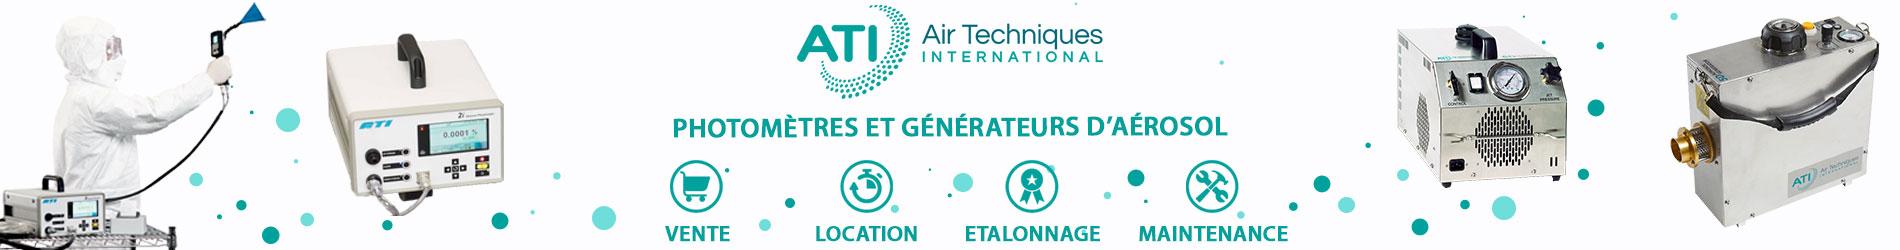 Photomètres et générateurs d'aérosol